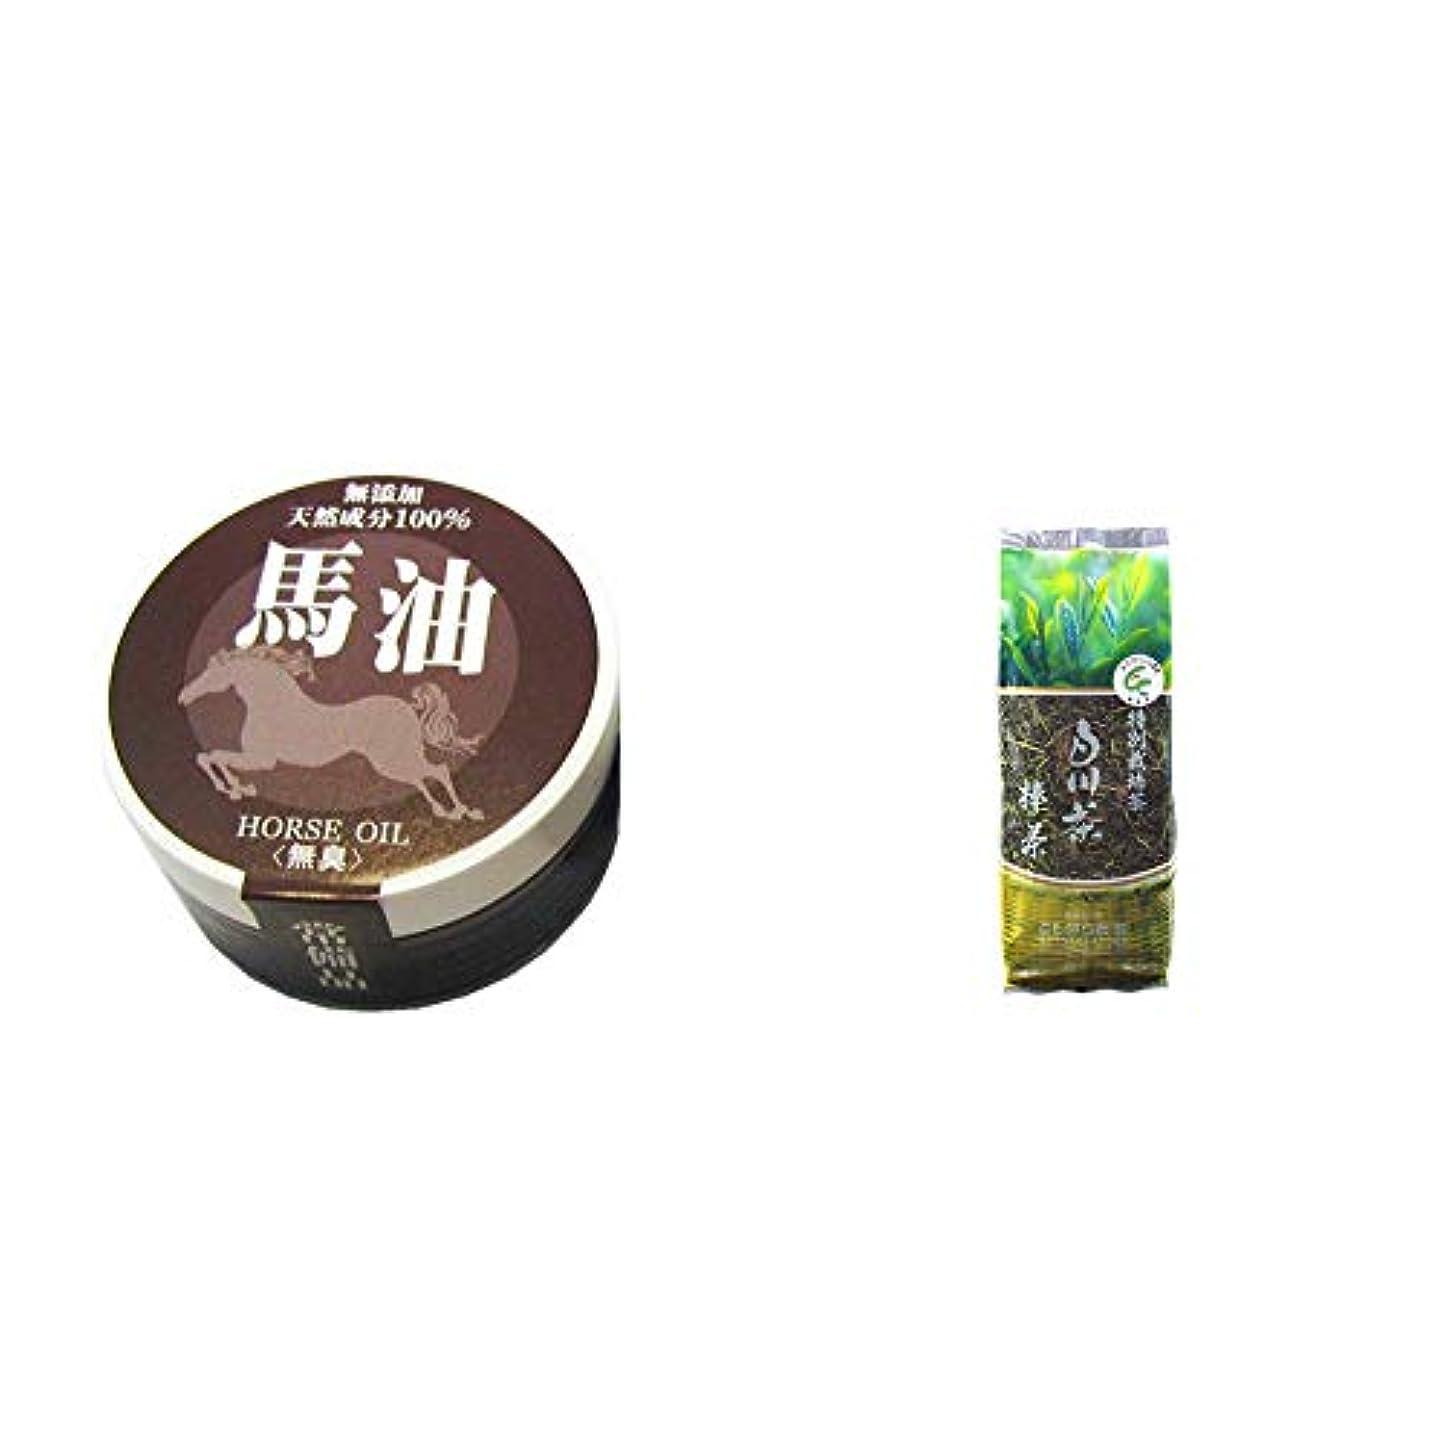 デッドロックところで数学[2点セット] 無添加天然成分100% 馬油[無香料](38g)?白川茶 特別栽培茶【棒茶】(150g)